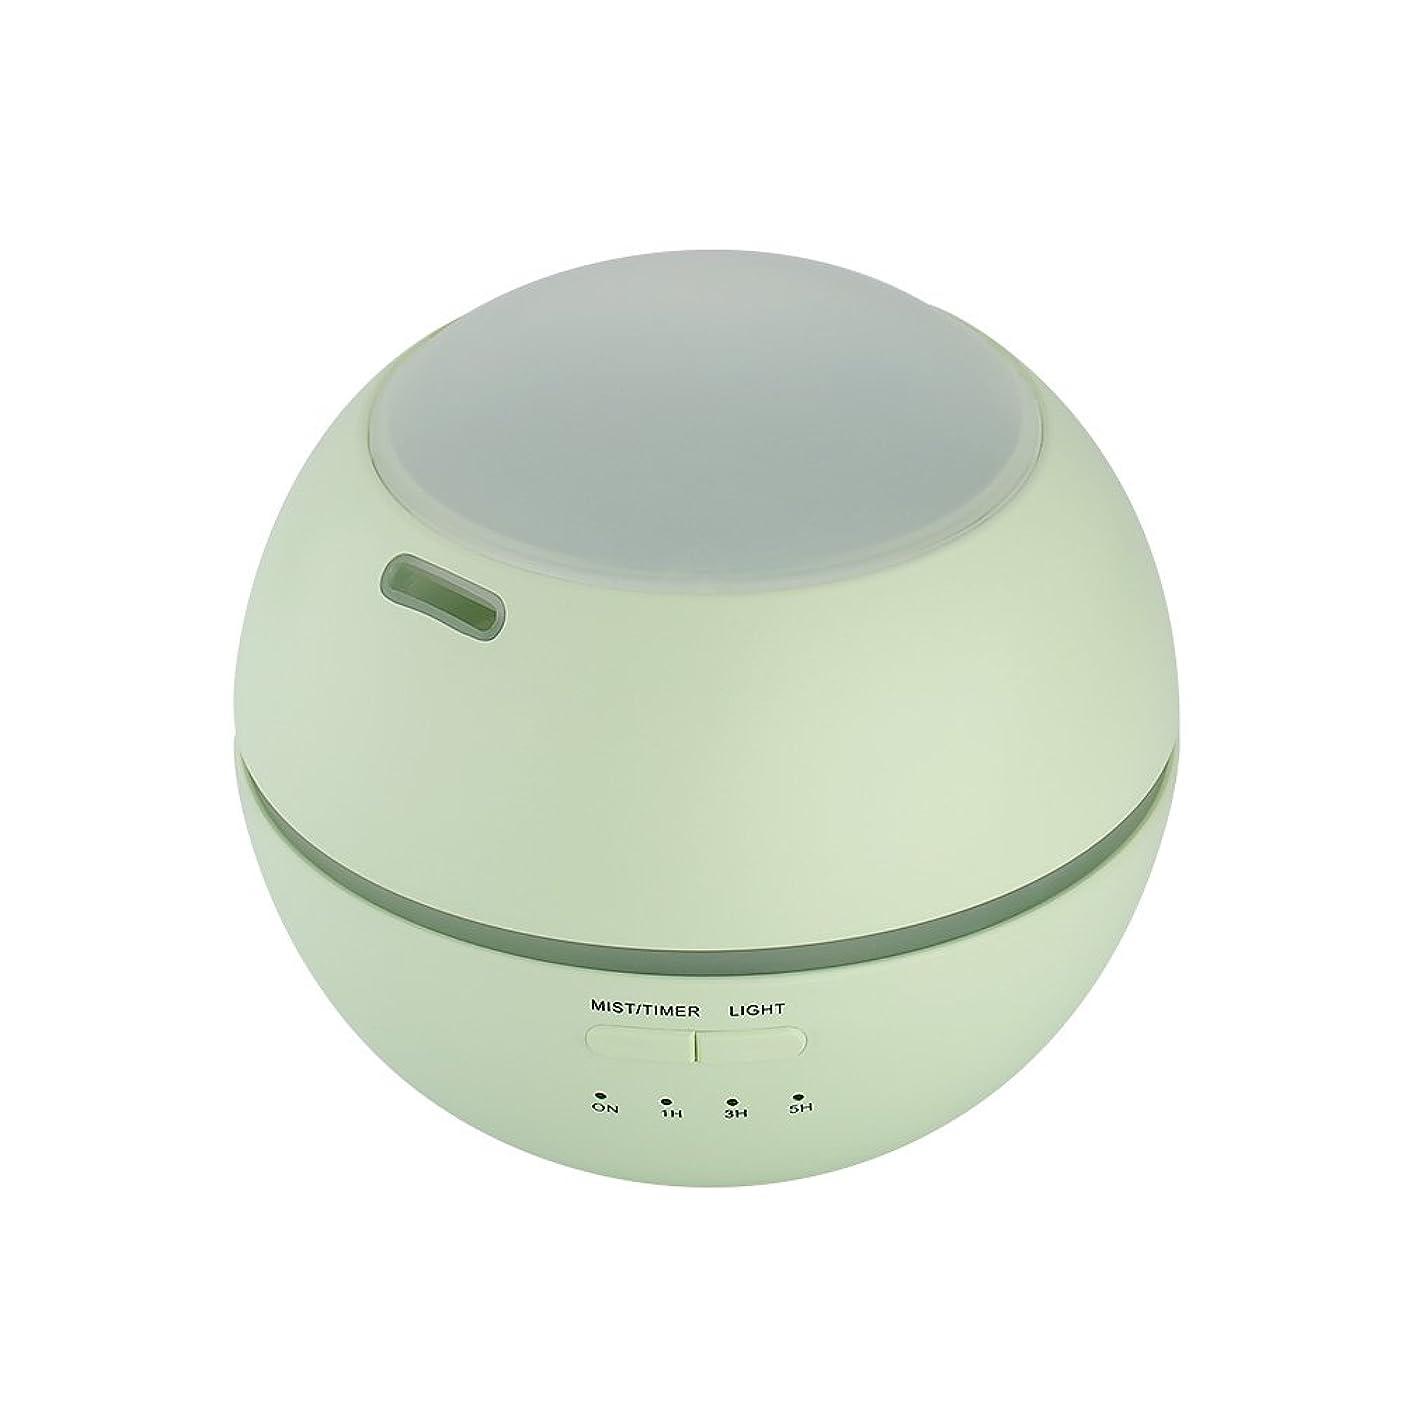 レビュー欺すり超音波式 アロマディフューザー 卓上 加湿器 8色LEDライト変換 超静音 ミス調整可能 時間設定タイマー機能付き 空焚き防止機能搭載 アロマ加湿器 150mL by smartlife (グリーン)